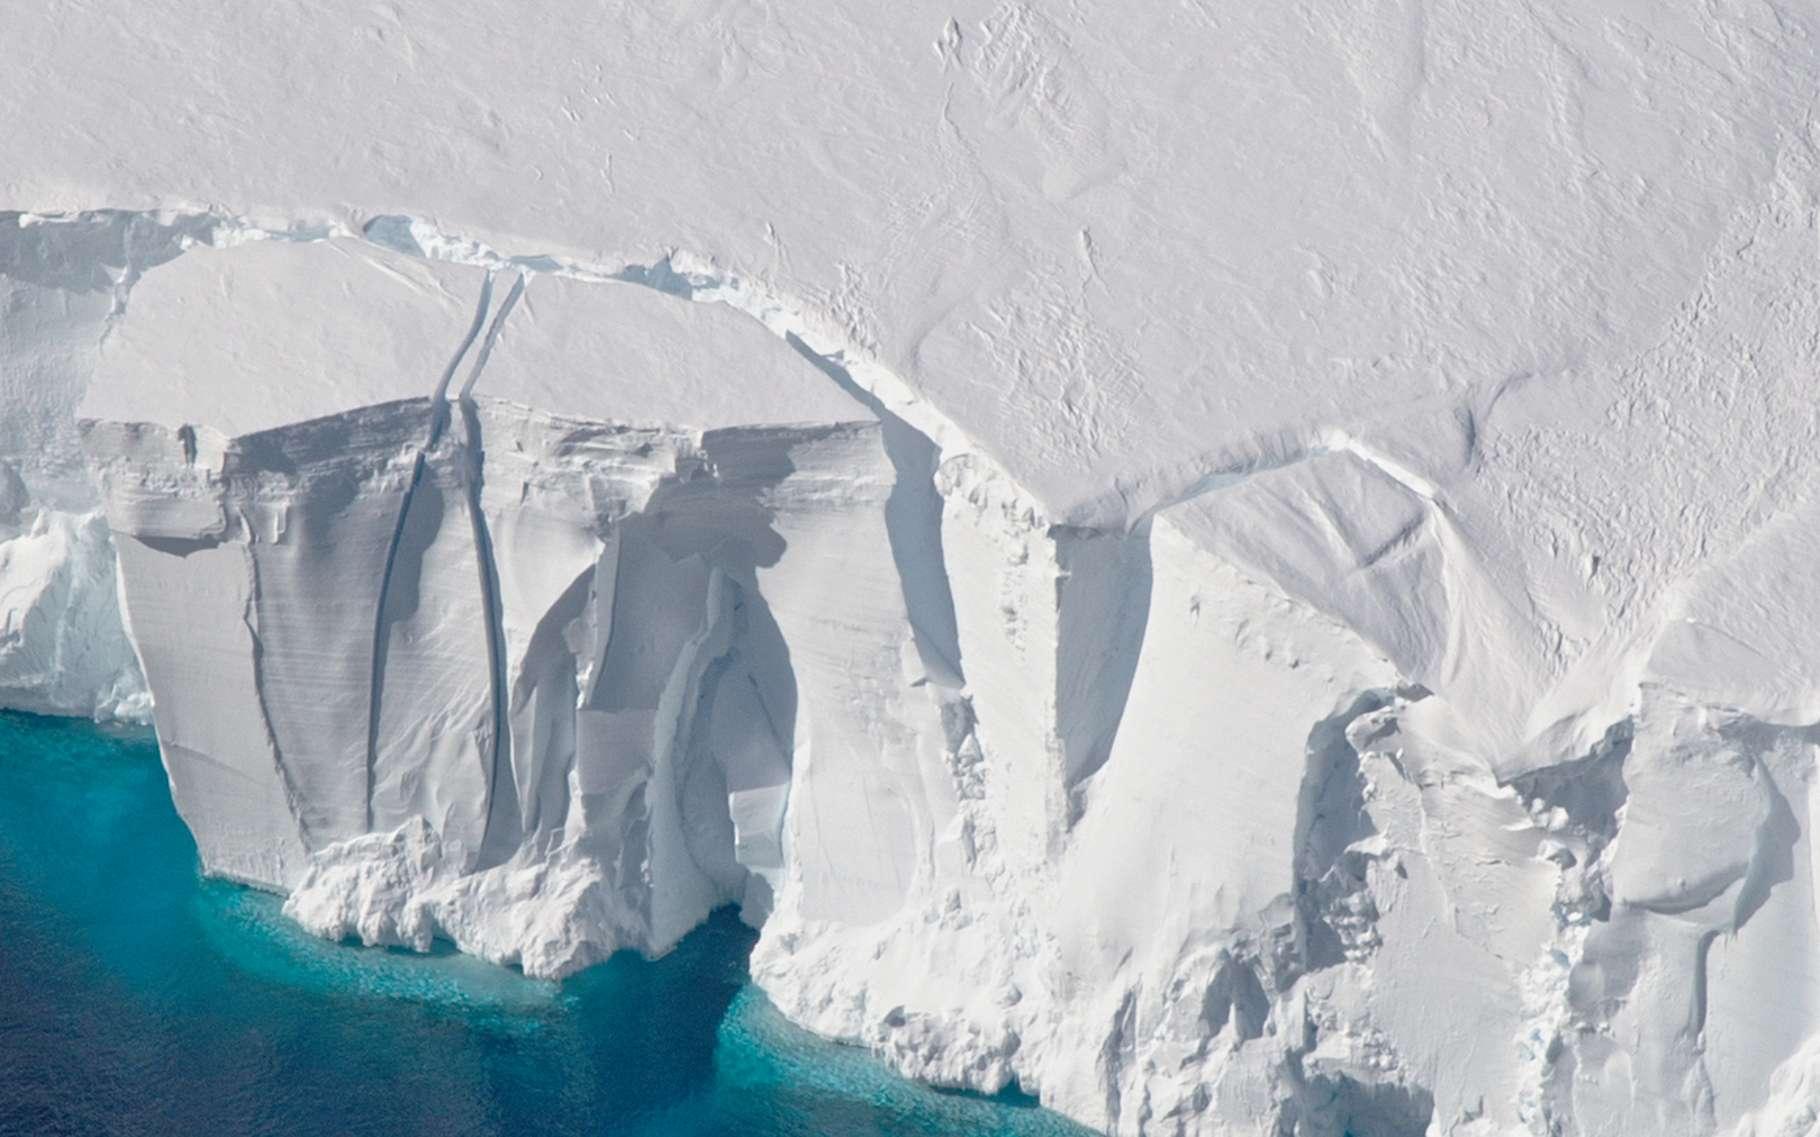 Une étude montre que le réchauffement climatique pourrait amener l'Antarctique à fondre de manière irréversible. Ici, la barrière de Getz, dans l'ouest de l'Antarctique, sur le point de libérer un glacier. © Jeremy Harbeck, Nasa